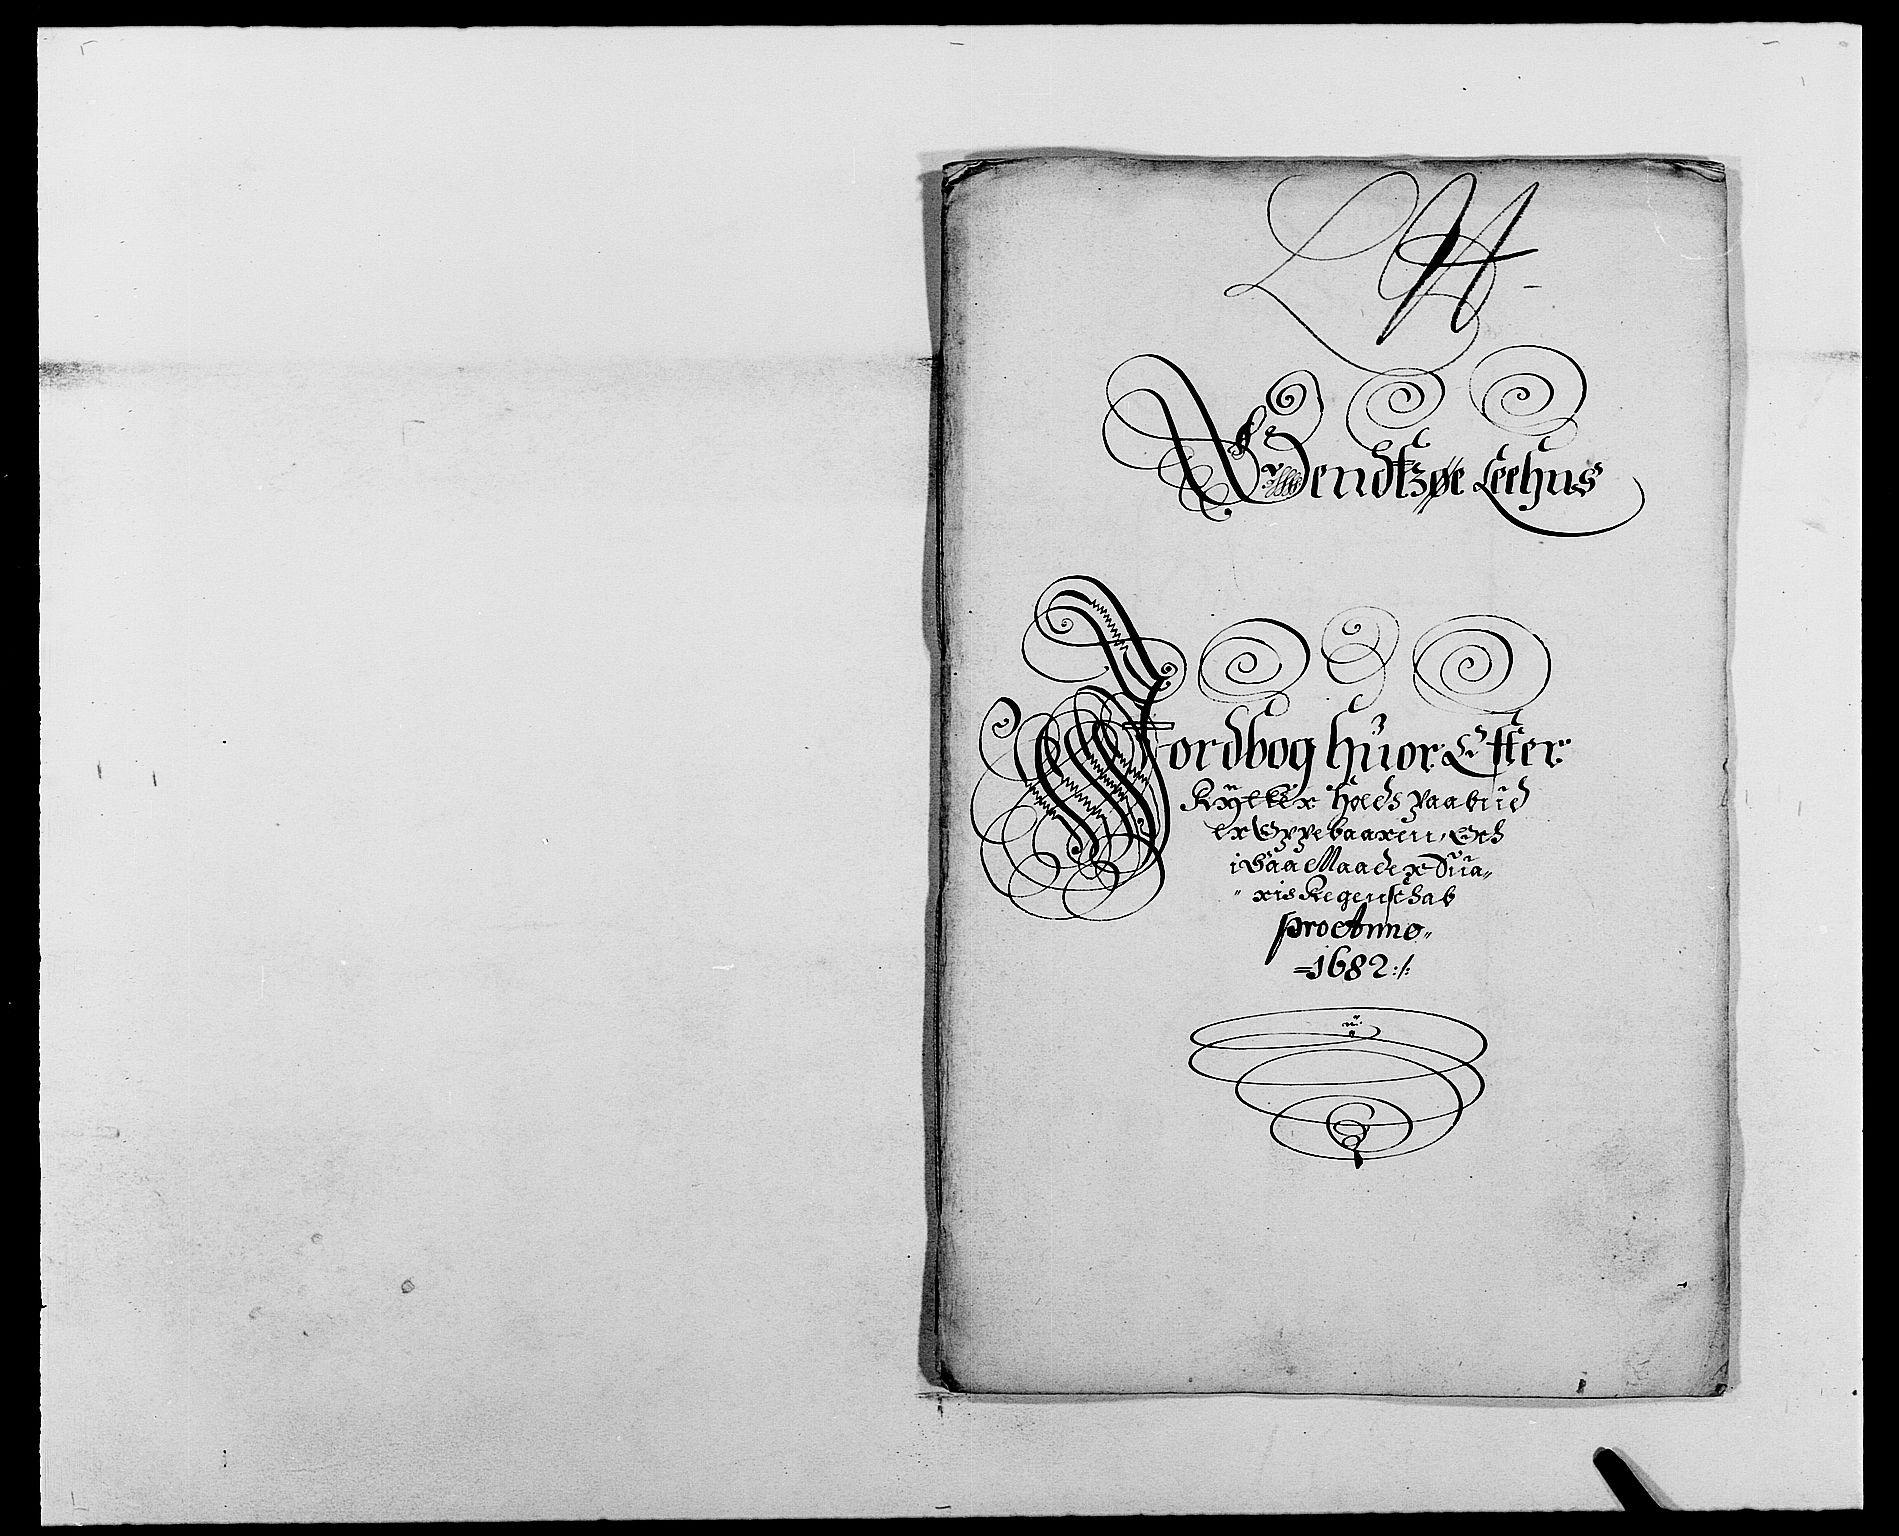 RA, Rentekammeret inntil 1814, Reviderte regnskaper, Fogderegnskap, R03/L0112: Fogderegnskap Onsøy, Tune, Veme og Åbygge fogderi, 1681-1683, s. 167